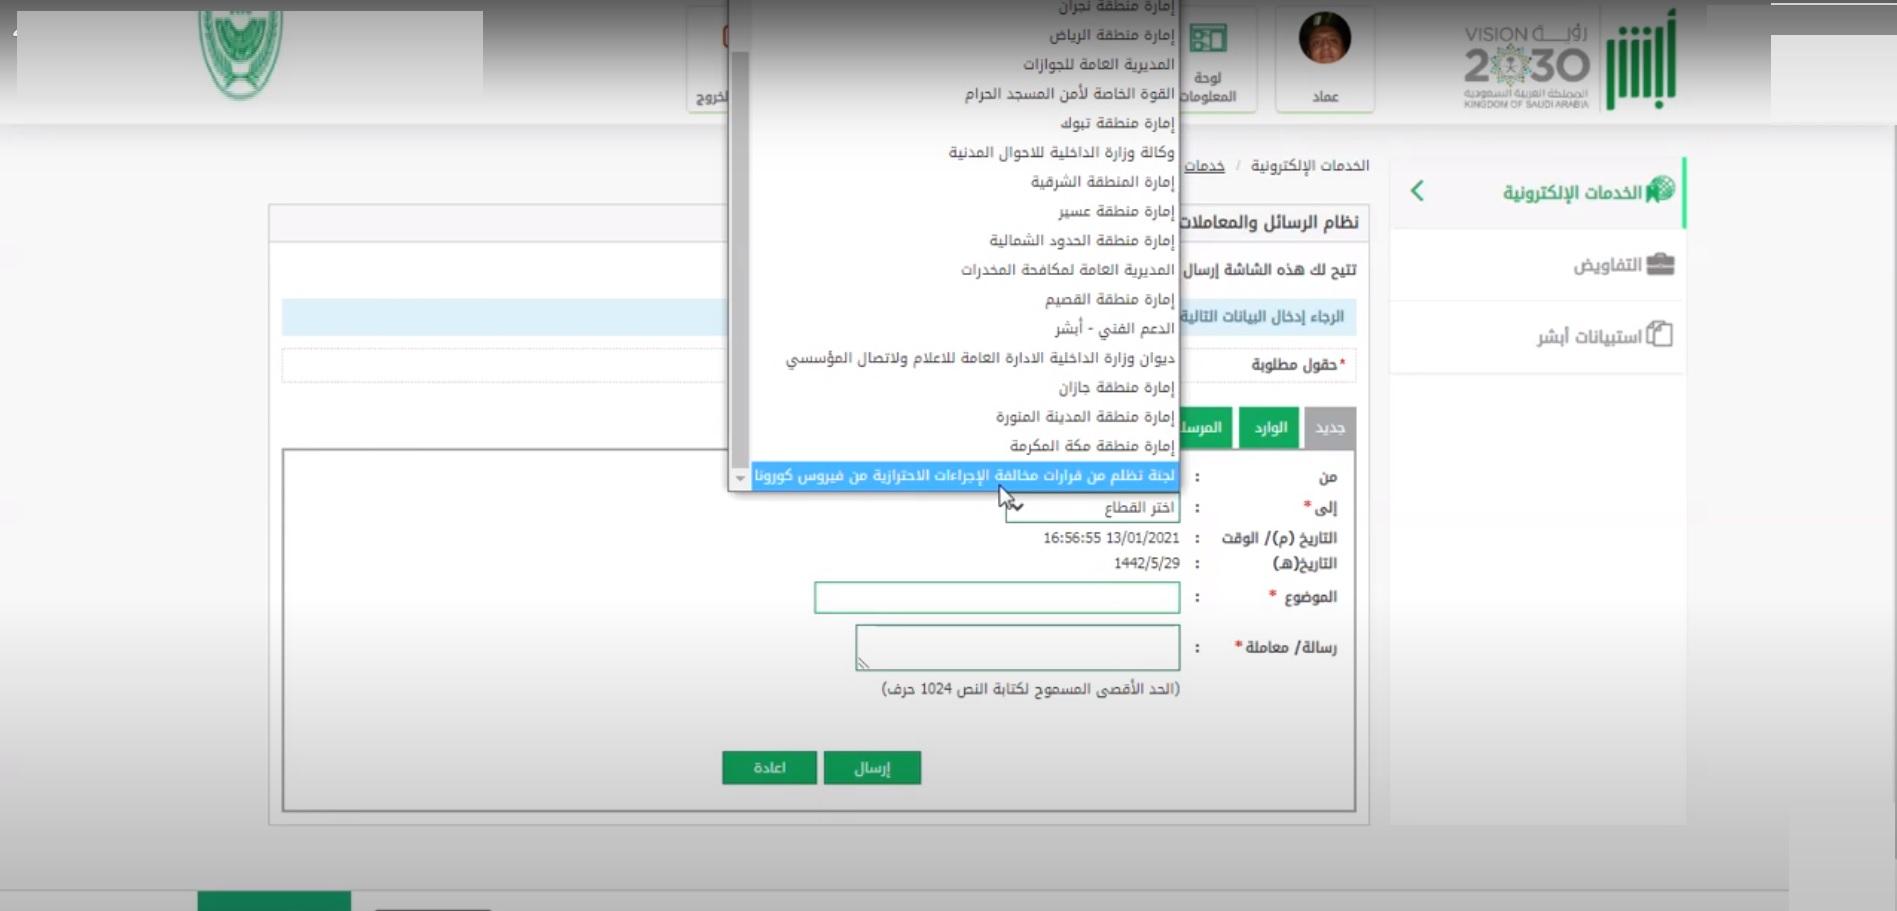 طريقة الاعتراض على مخالفة الكمامة في السعودية 2021